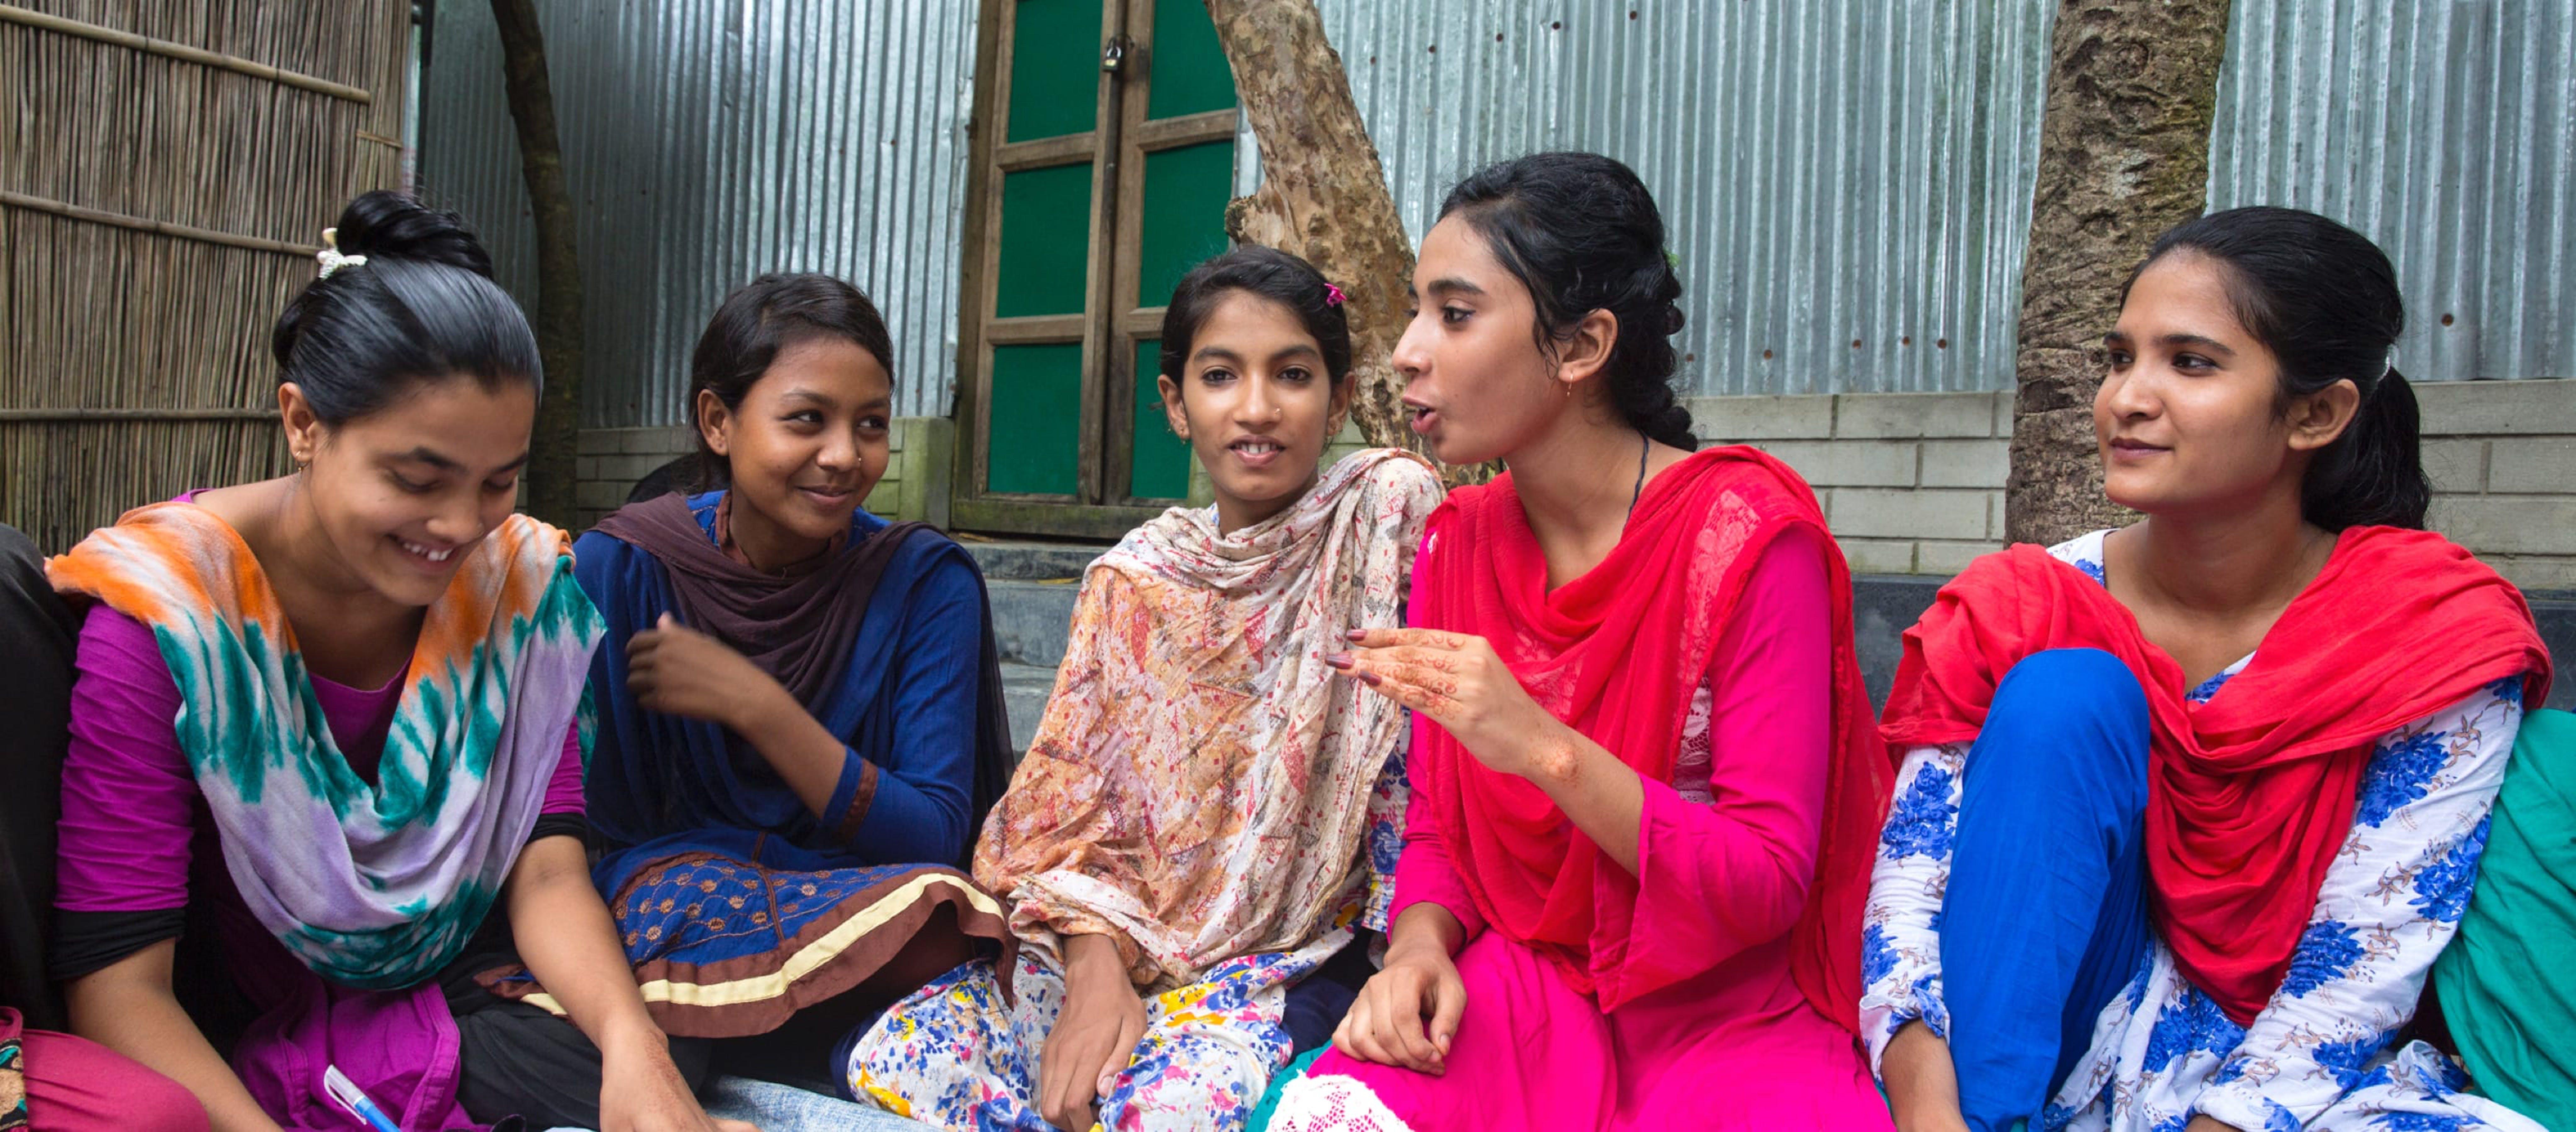 Riunione di adolescenti bengalesi, in Bangladesh.